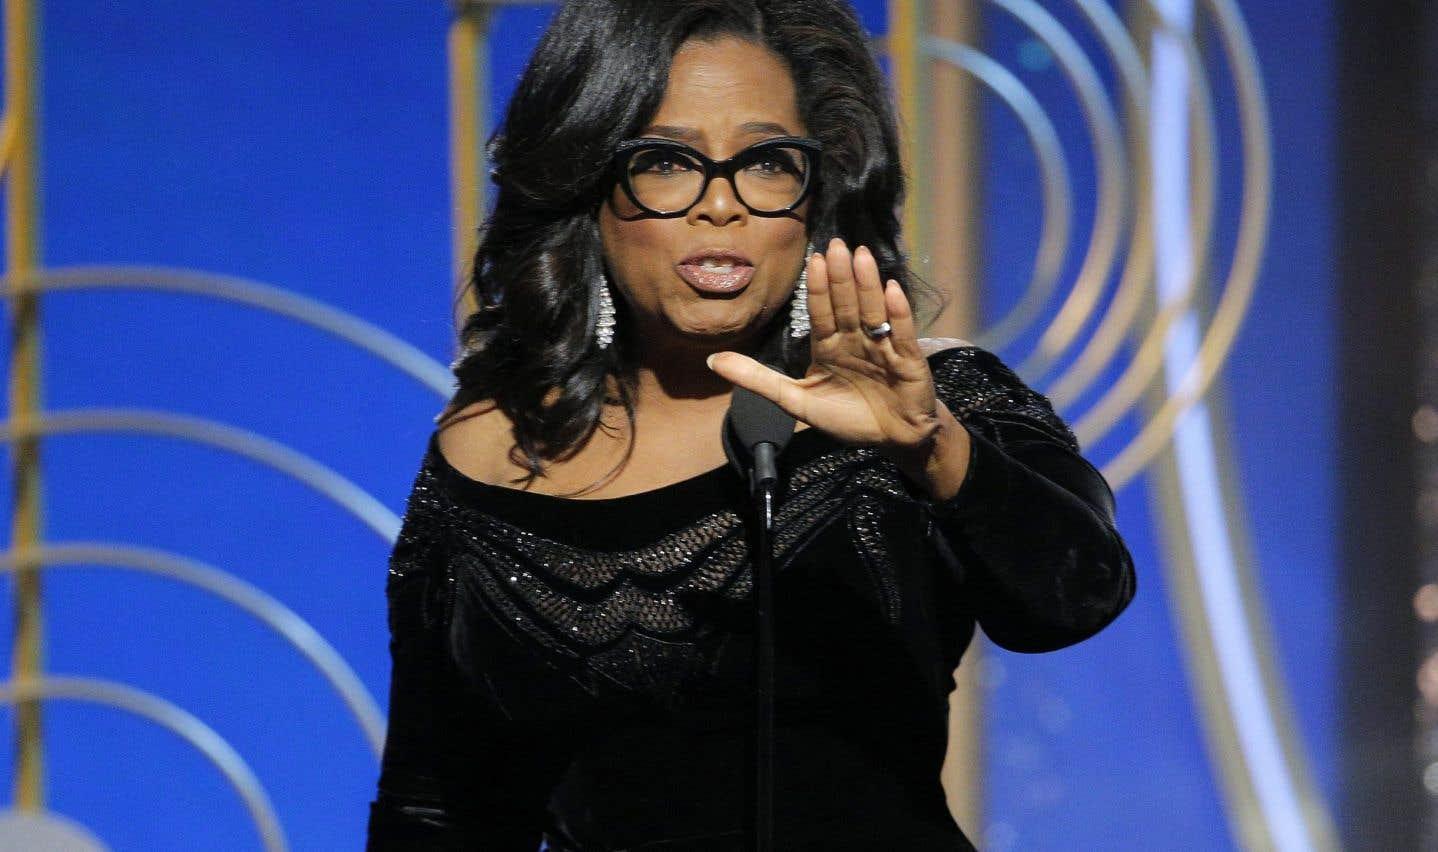 En réaction à l'écœurantite générale à l'égard de Donald Trump, il se pourrait que la tendance à appuyer des personnalités publiques comme Oprah Winfery s'explique en partie par une rationalité du moindre effort, croit l'auteure.